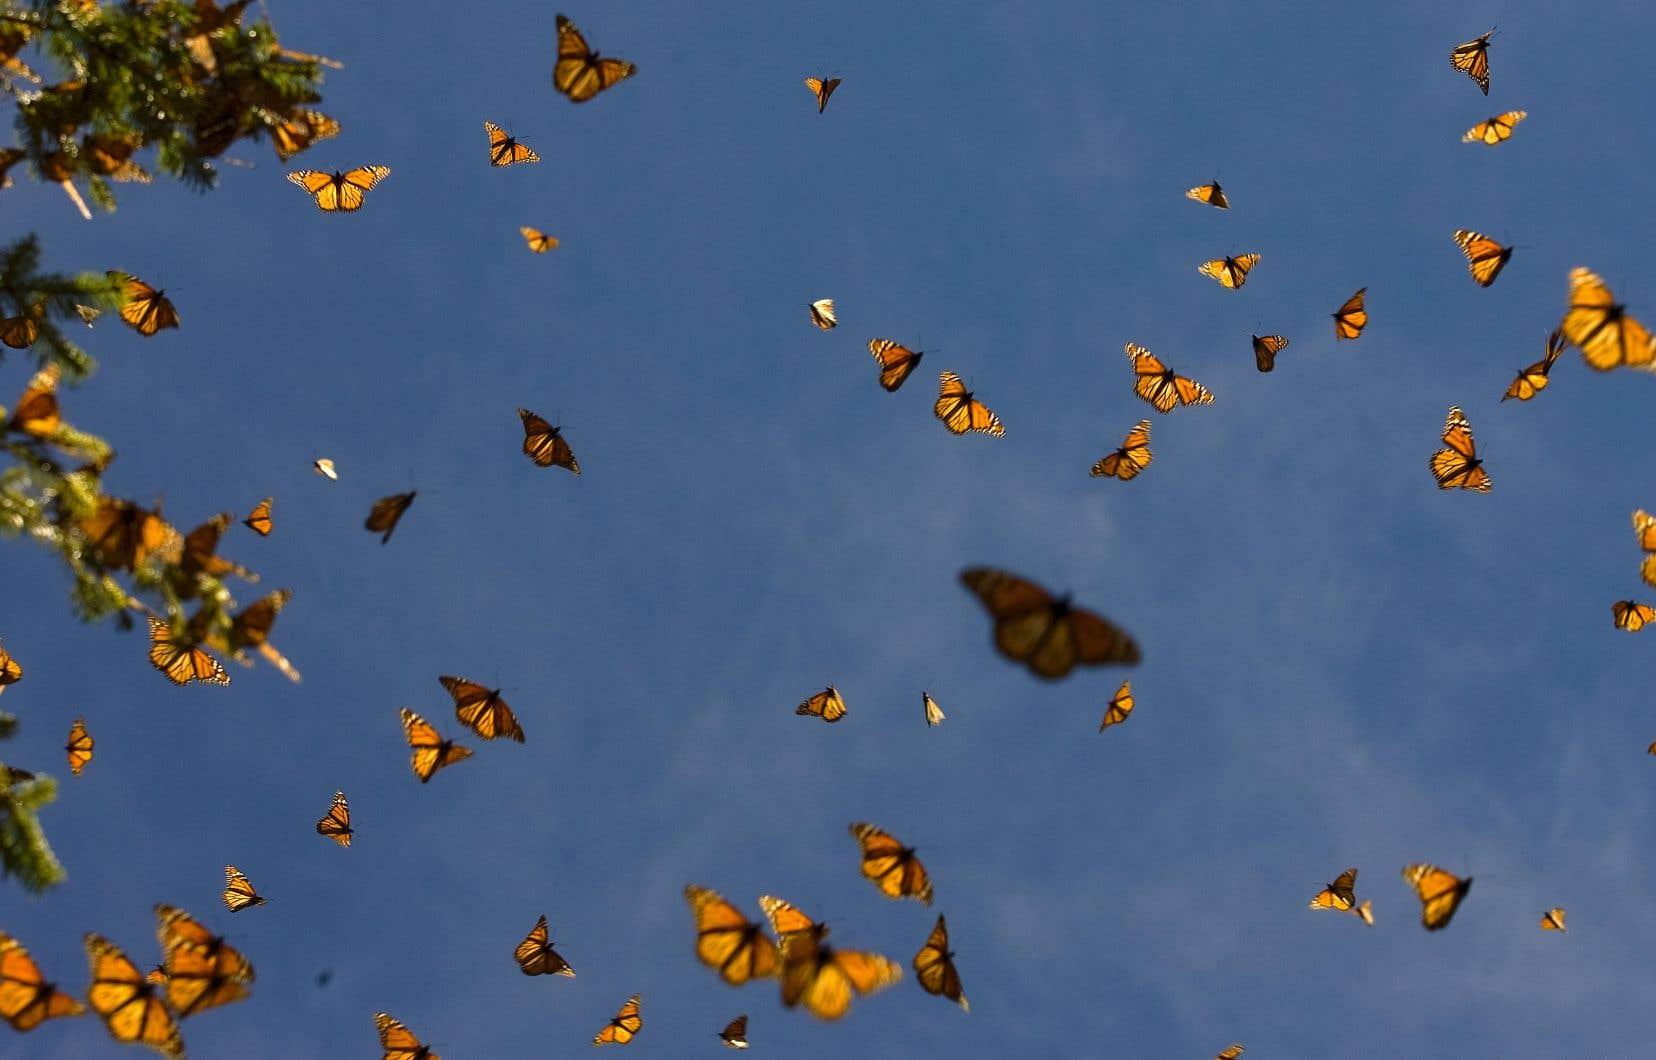 La Maison- Blanche a l'intention de réviser la décision prise en décembre par le gouvernement Trump de ne pas inscrire le papillon monarque sur la liste des espèces menacées, malgré un déclin de 85 % des populations de cet insecte emblématique.